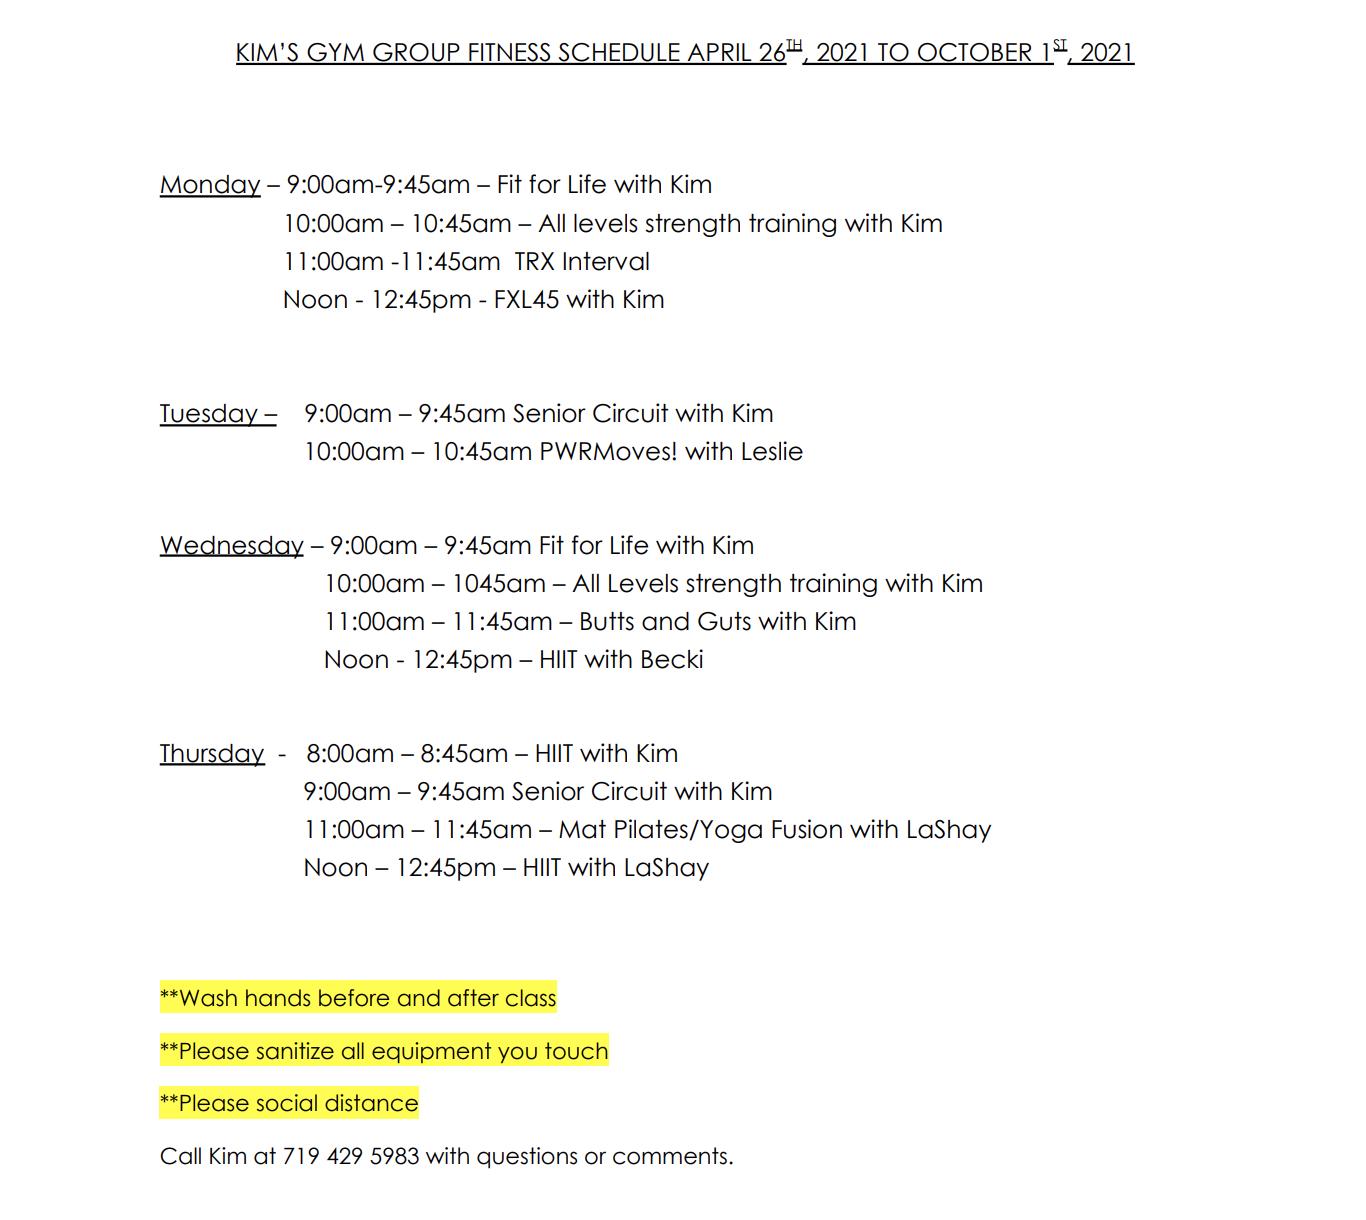 Kims gym aerobics schedule